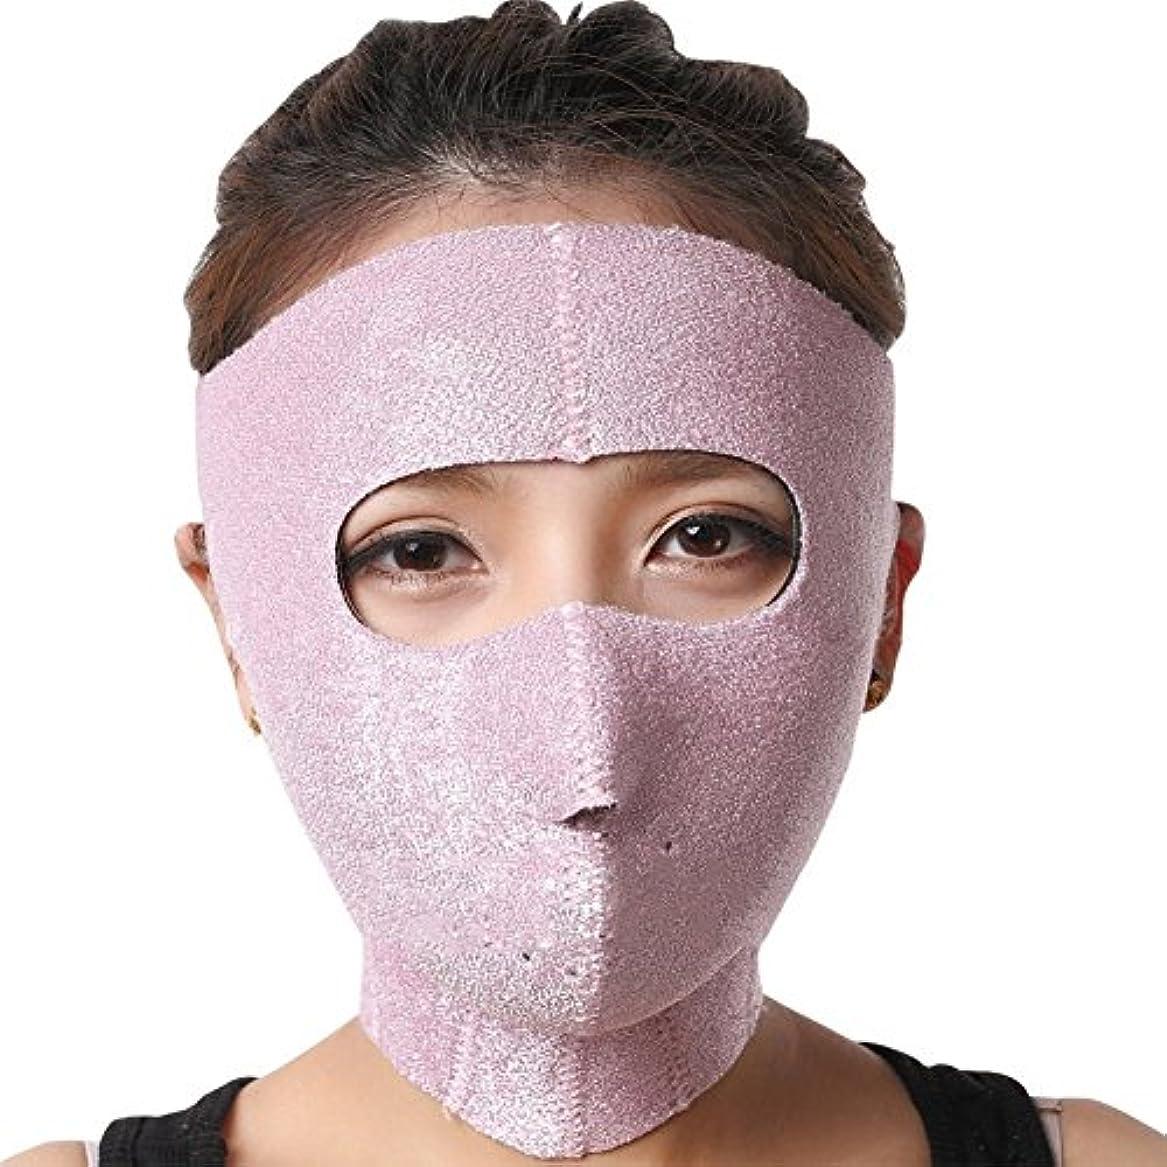 別の針ジャンル汗だくマスク 小顔 サウナ マスク 汗 発汗 フェイス 顔 TEC-KONARUD